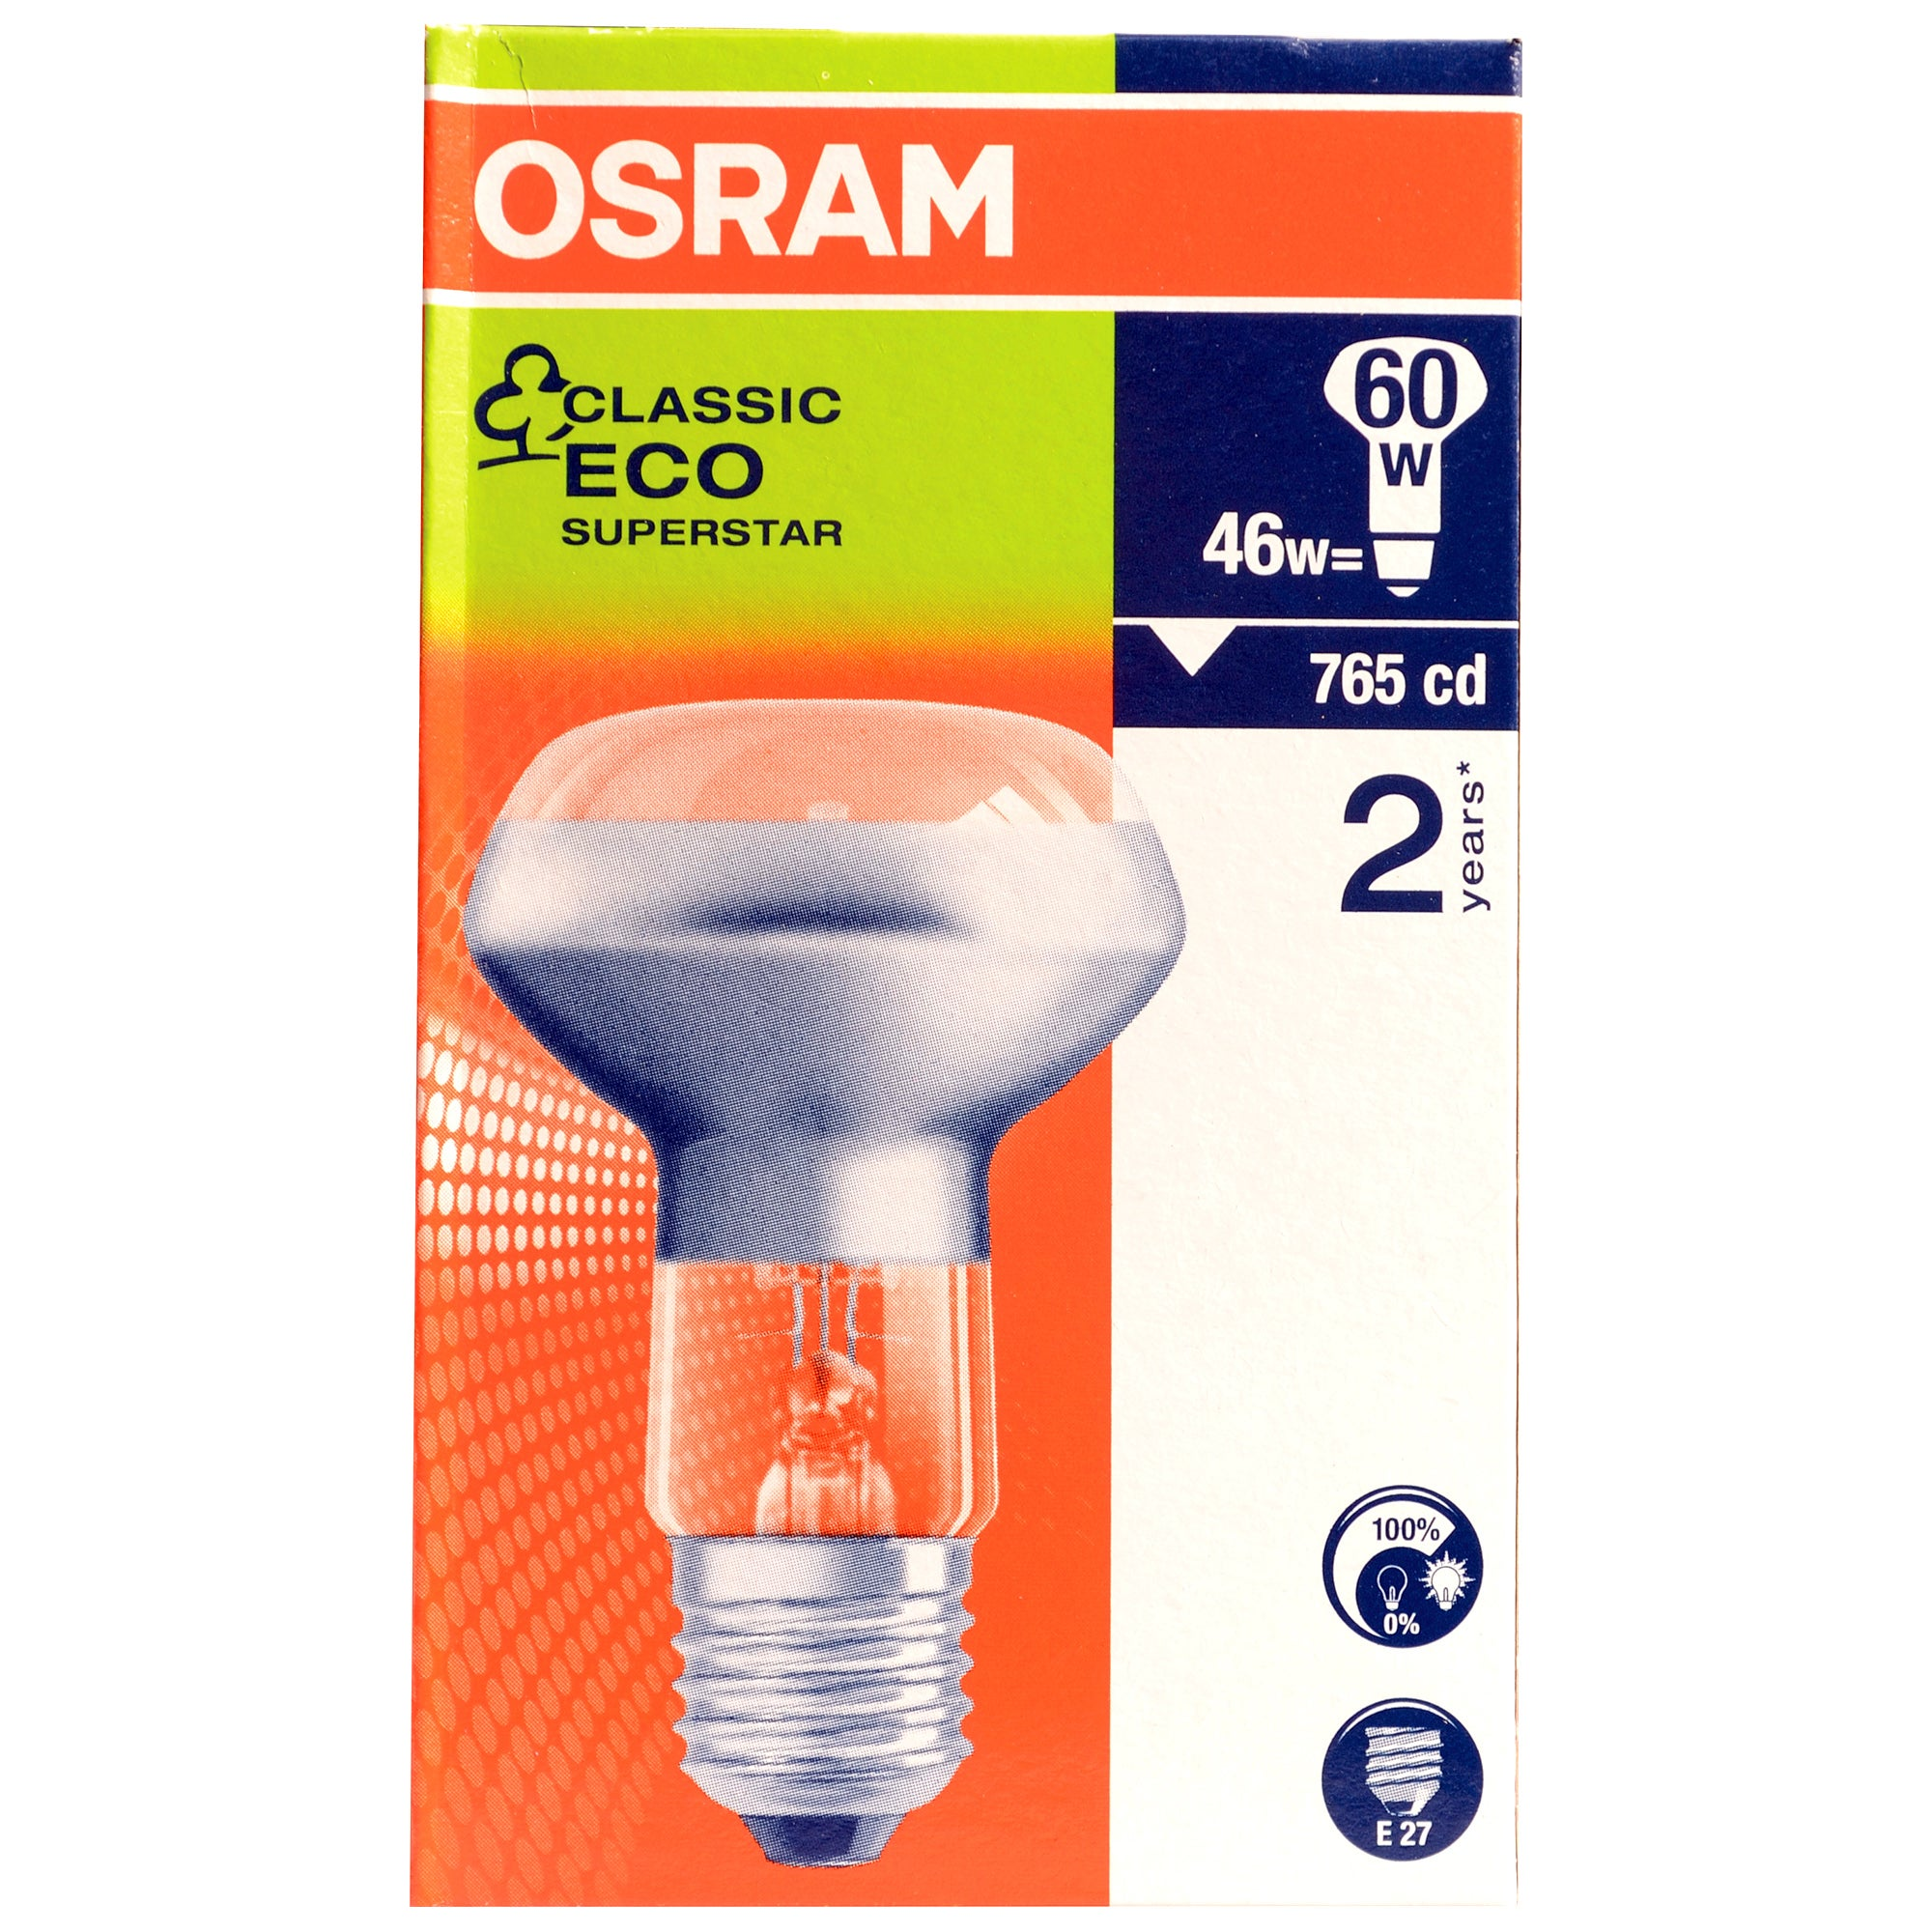 Osram Halogen Eco 46 Watt Spot Light Bulb